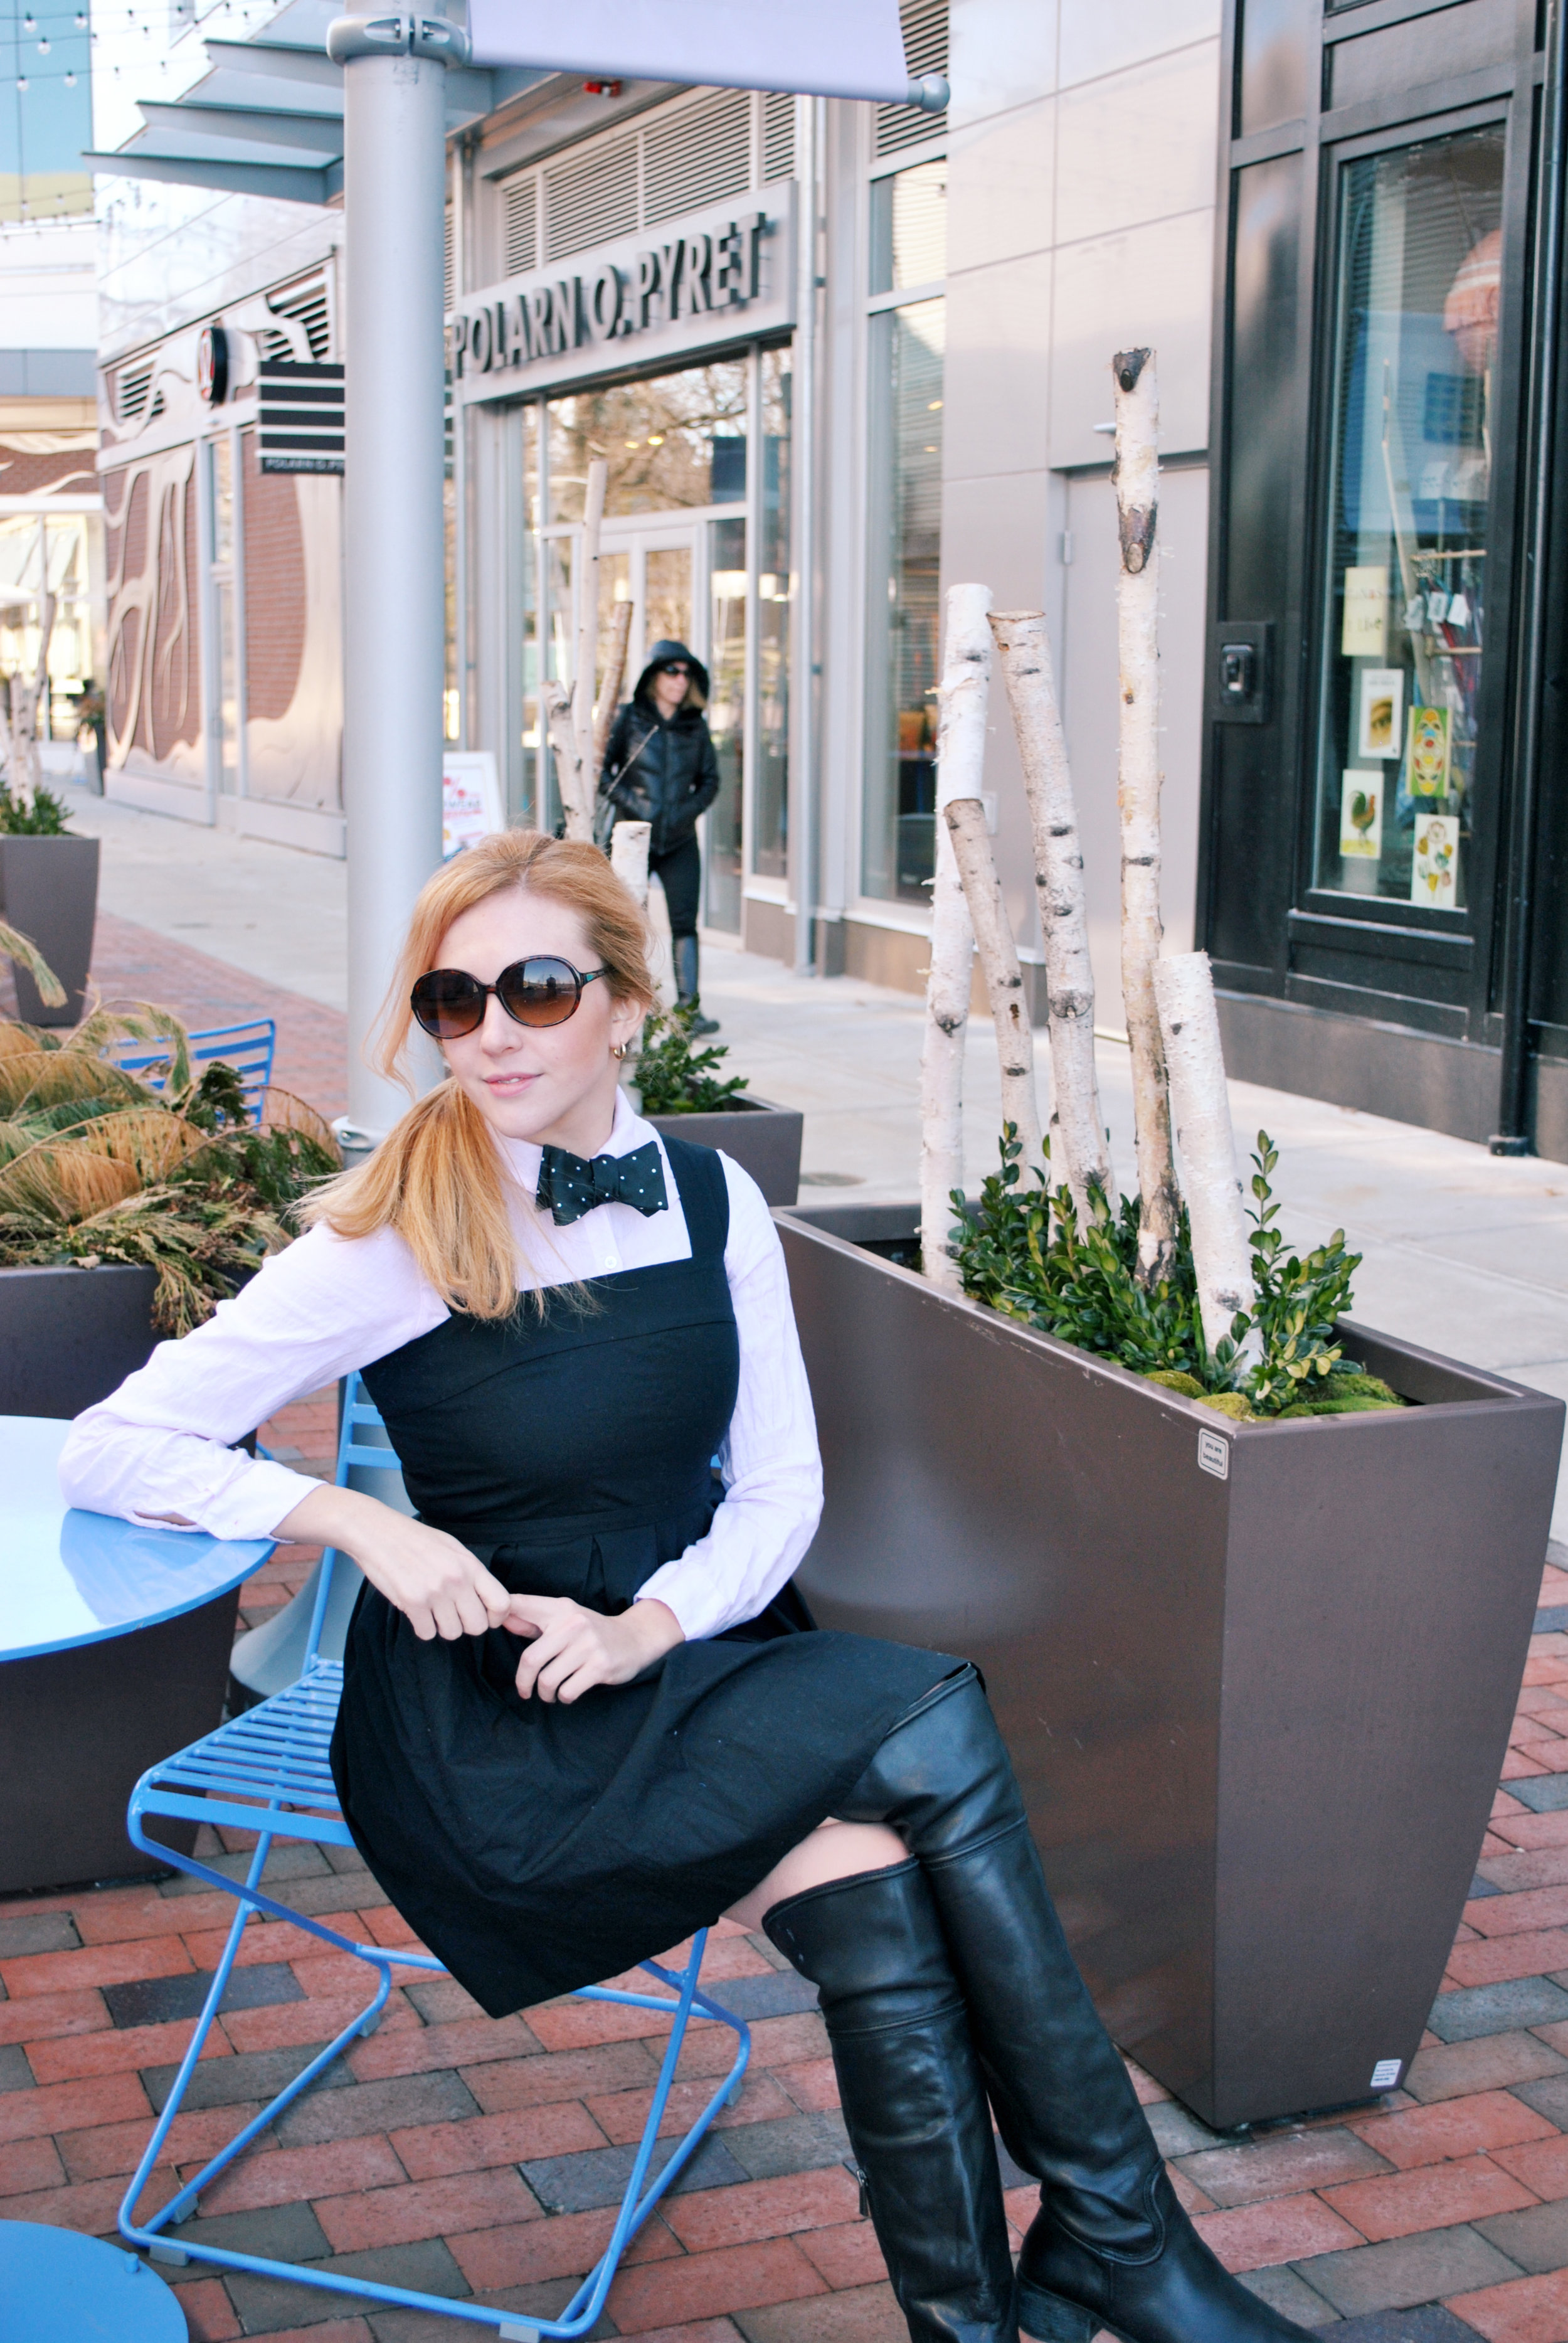 thoughtfulwish | thredup, gap, bowtie, bow tie, fashion, fashion blogger, fblog, chestnut hill, boston, bosblogger